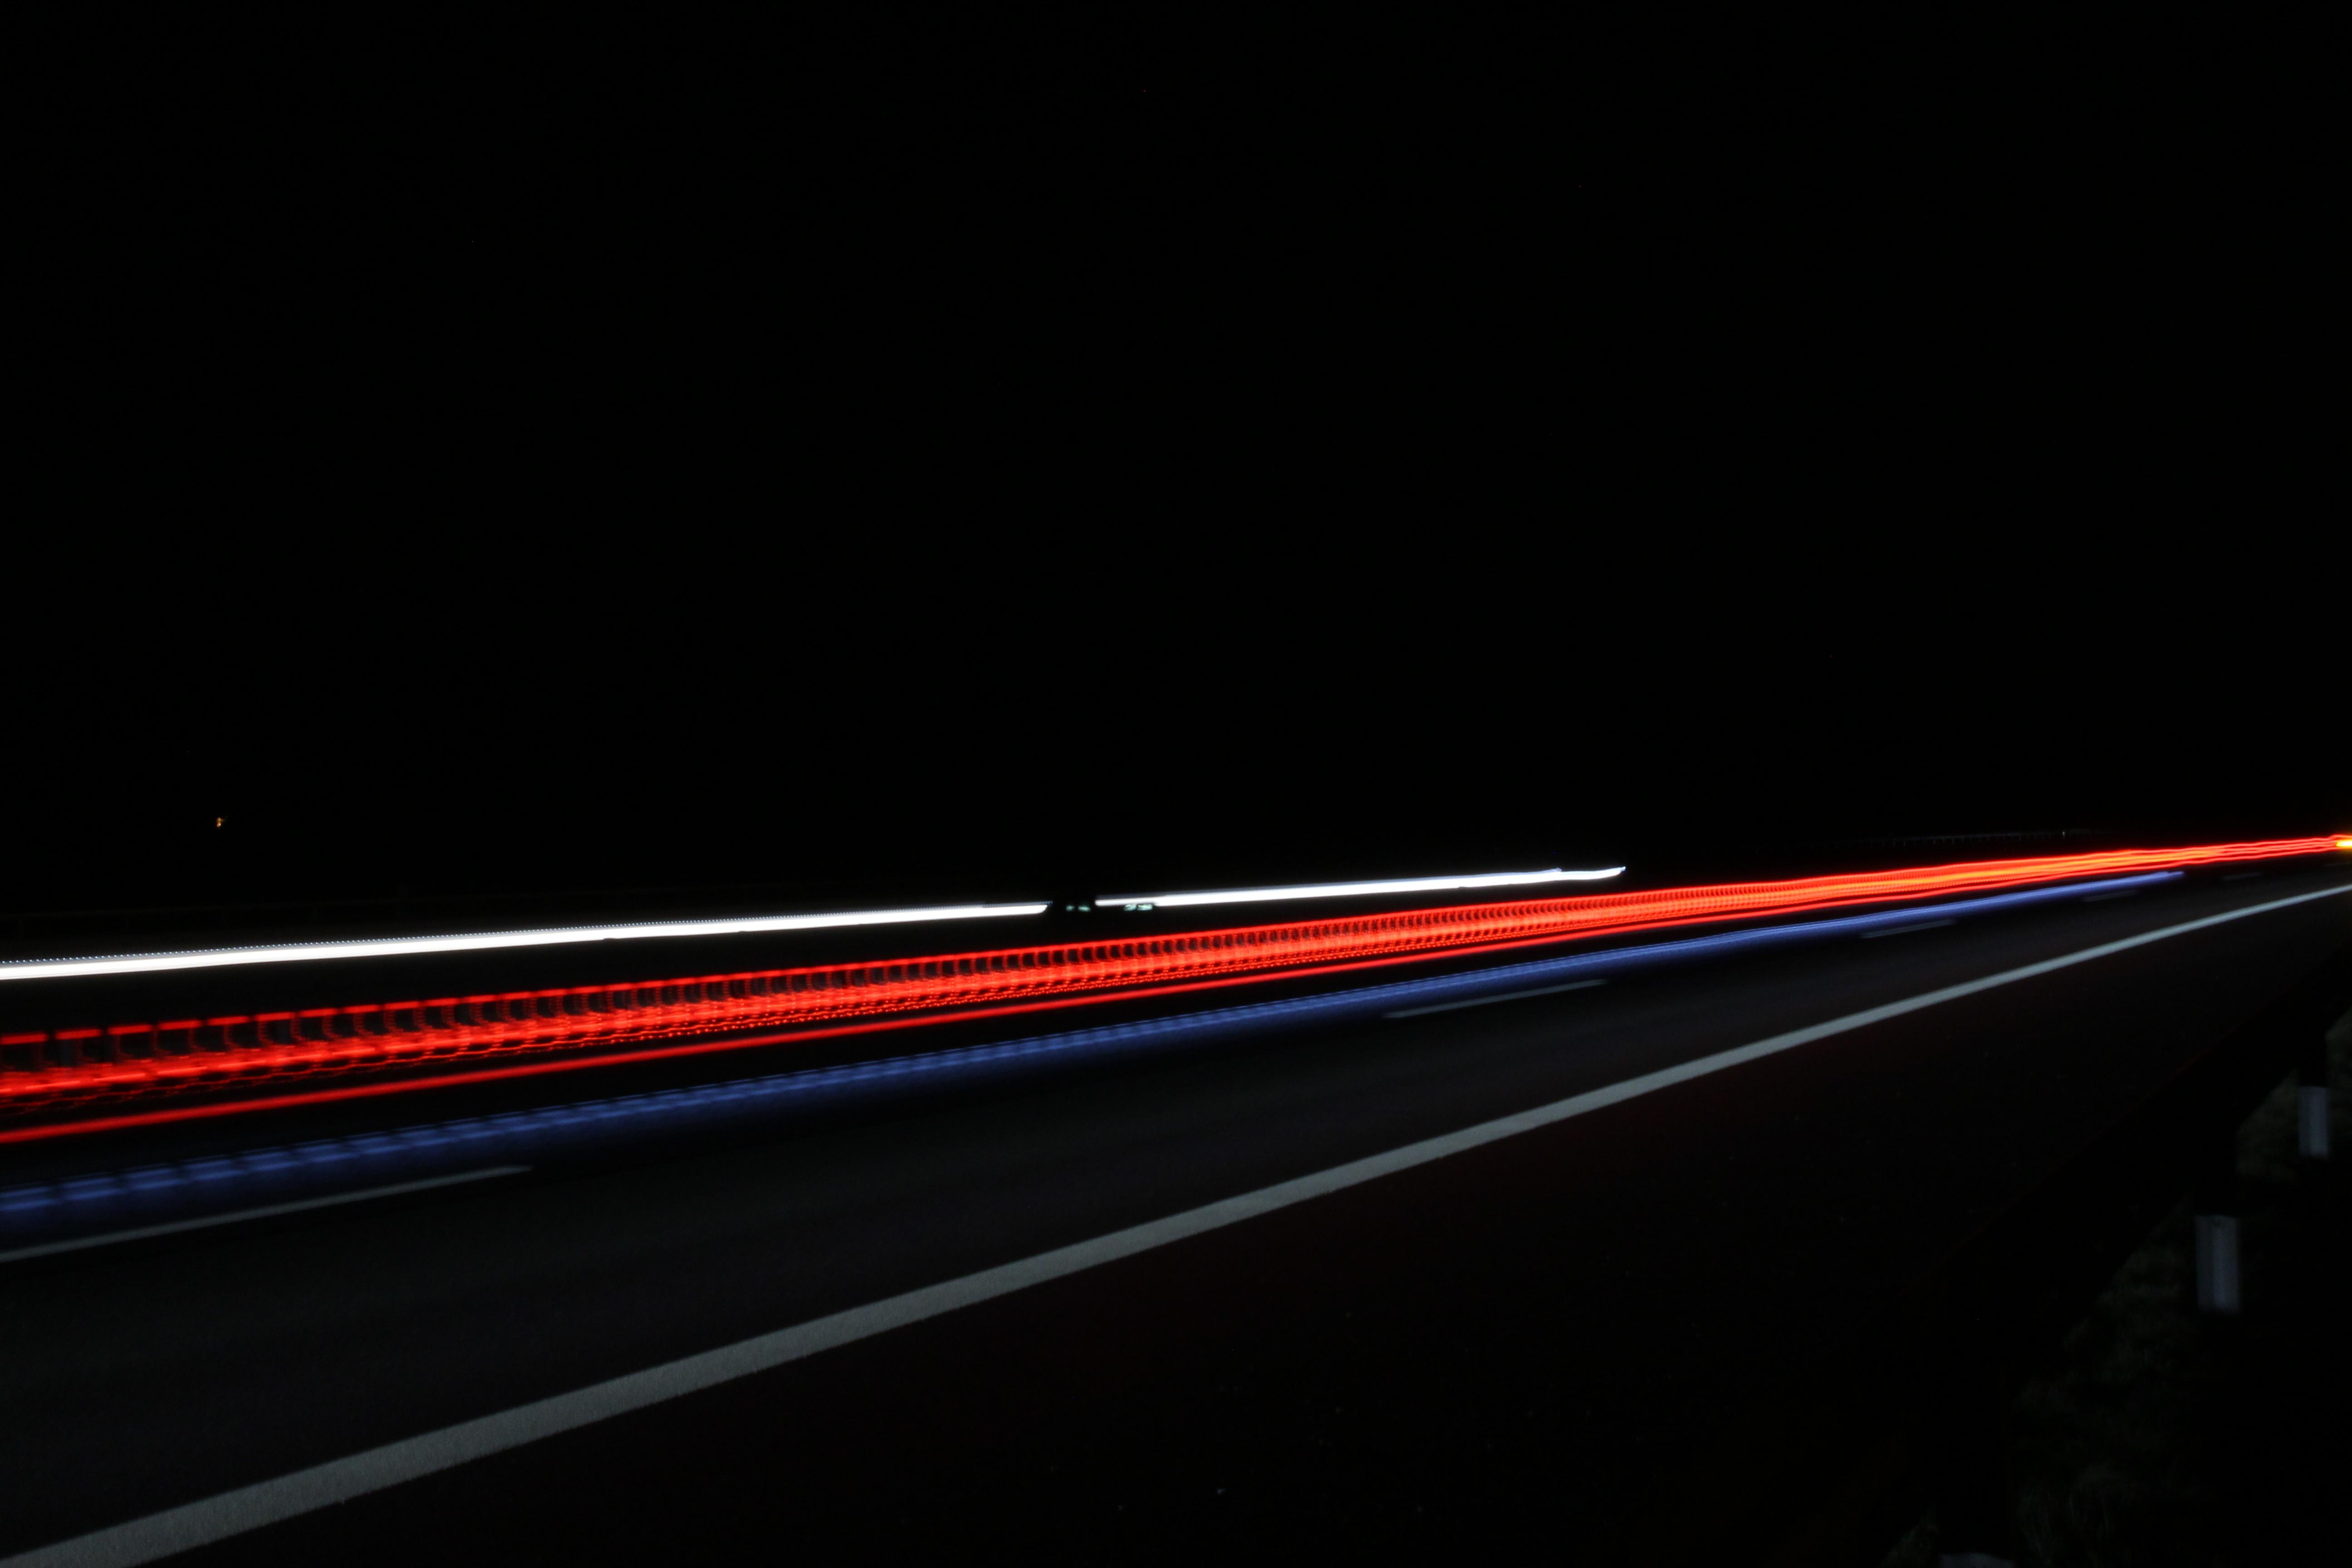 kostenlose foto licht nacht autobahn linie fahrzeug auto dunkelheit beleuchtung laser. Black Bedroom Furniture Sets. Home Design Ideas